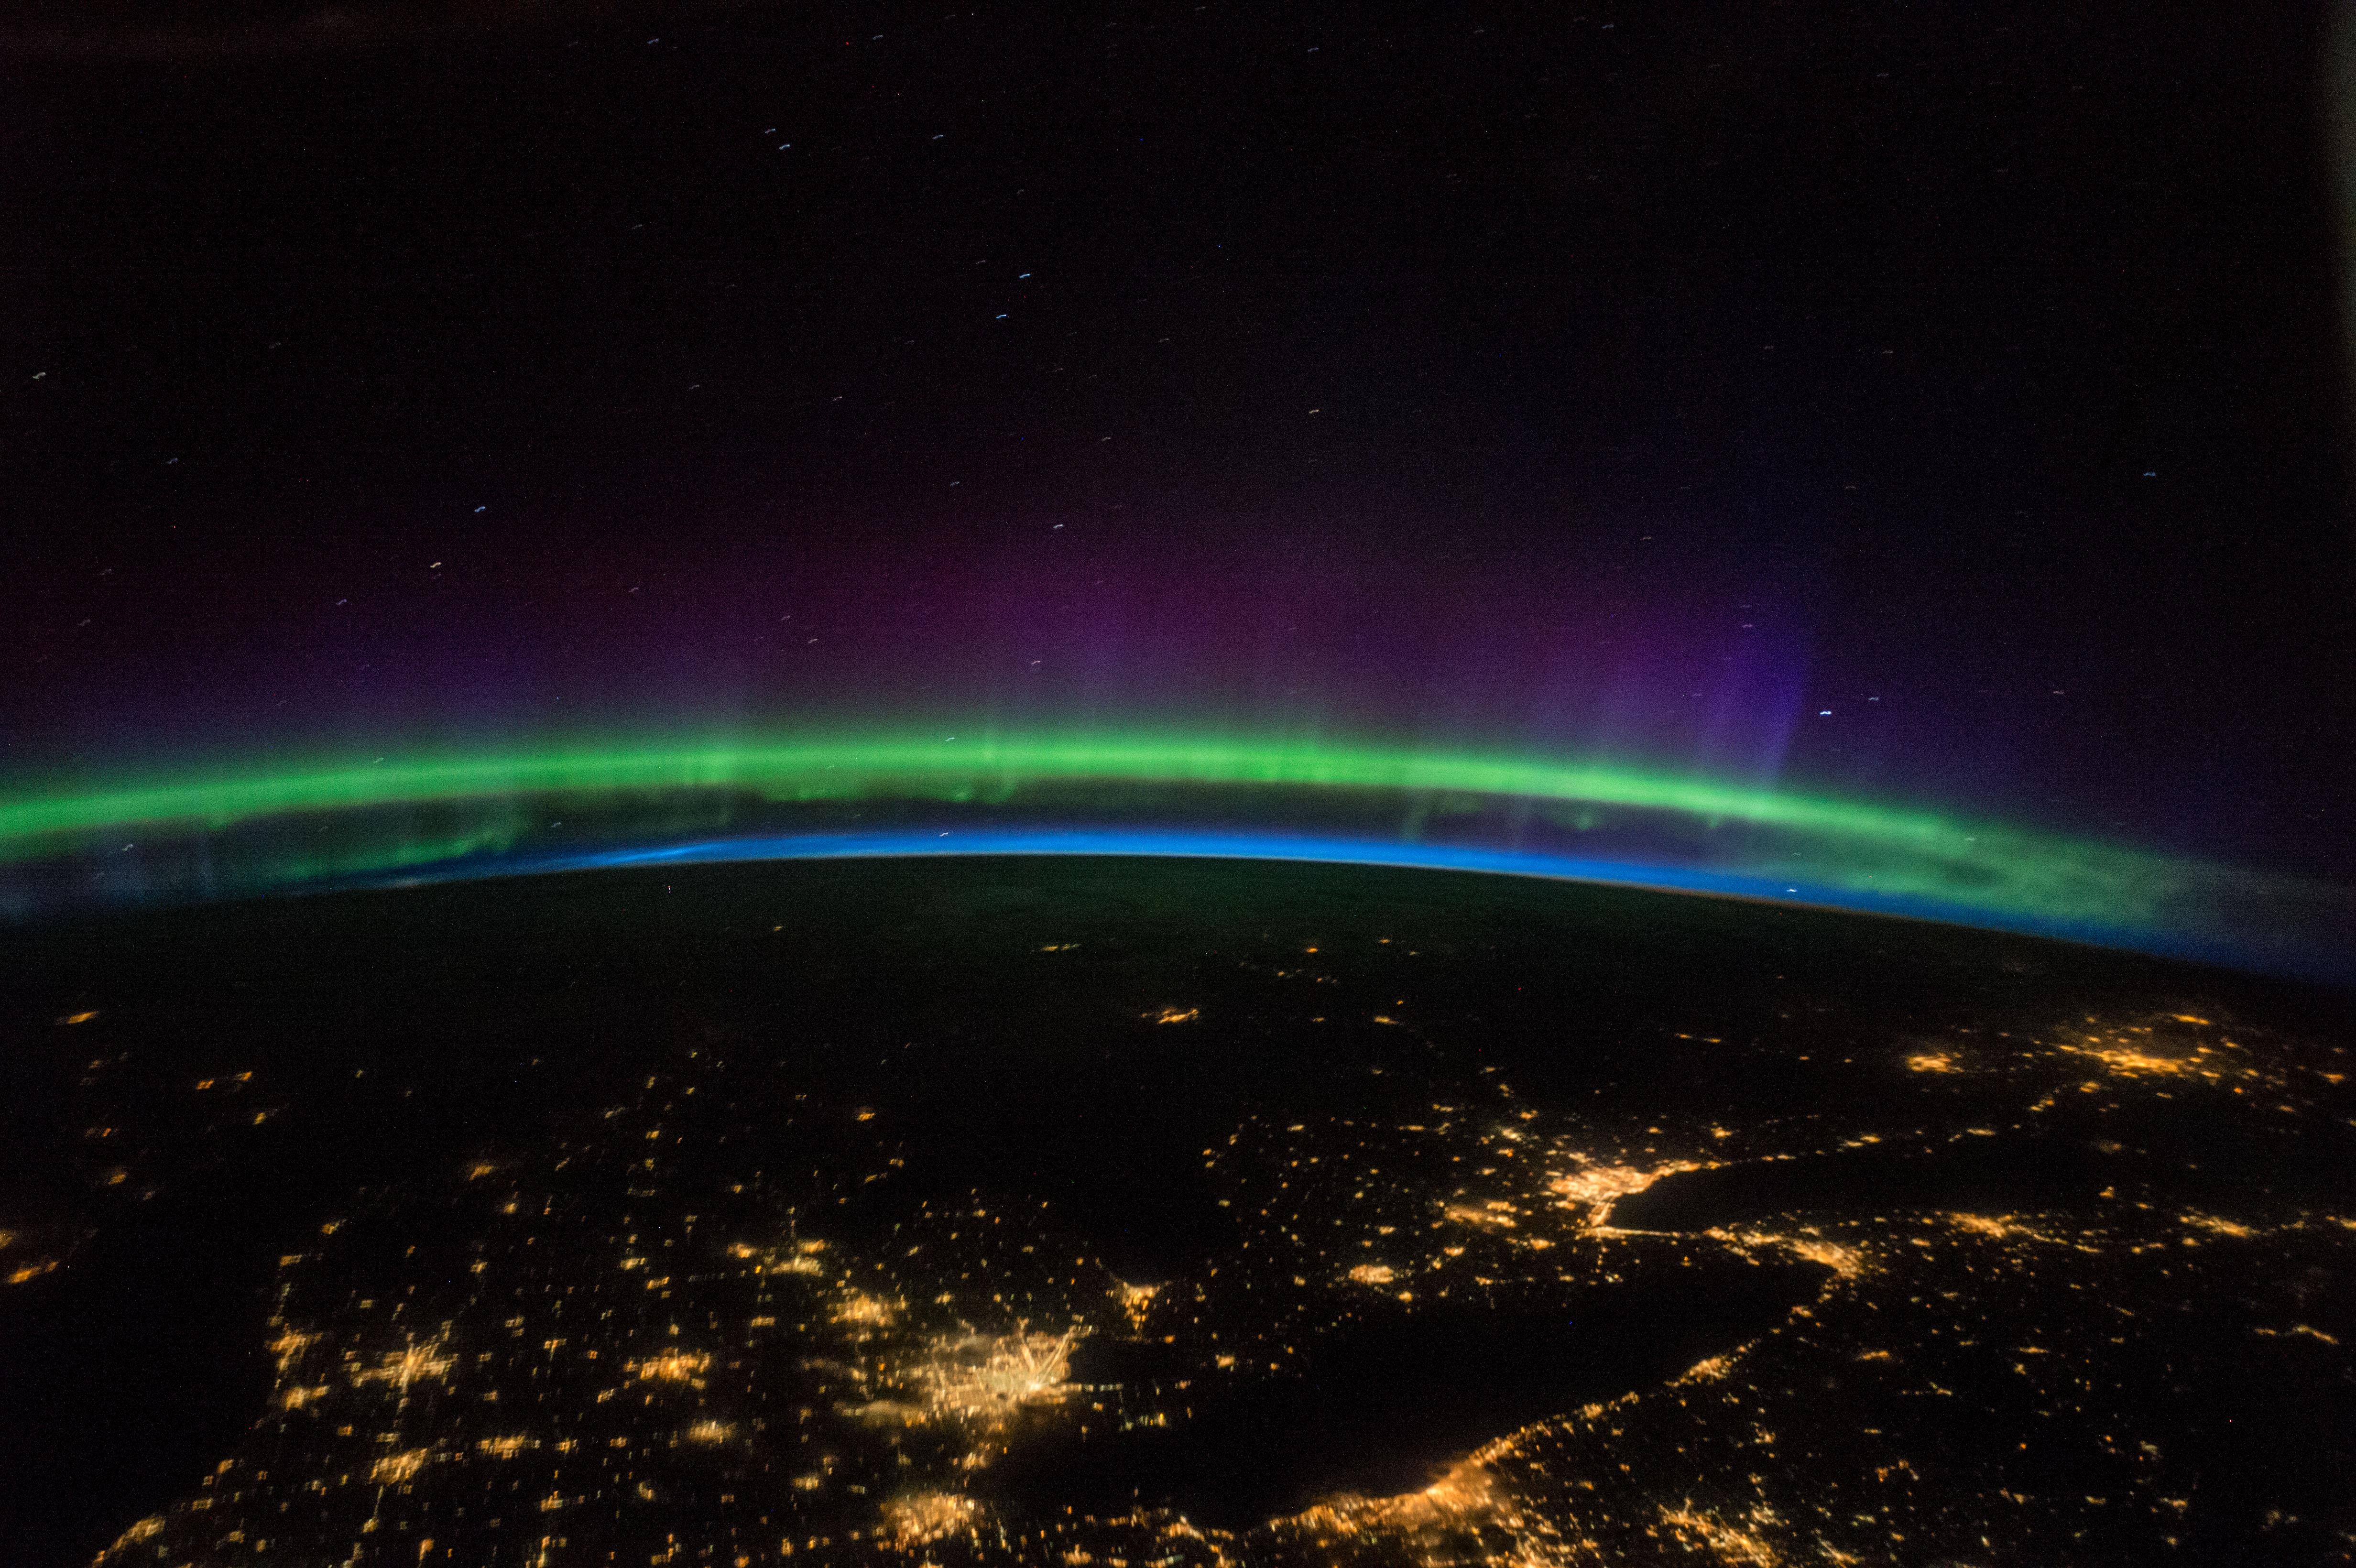 الشفق القطبي في صورة من الفضاء